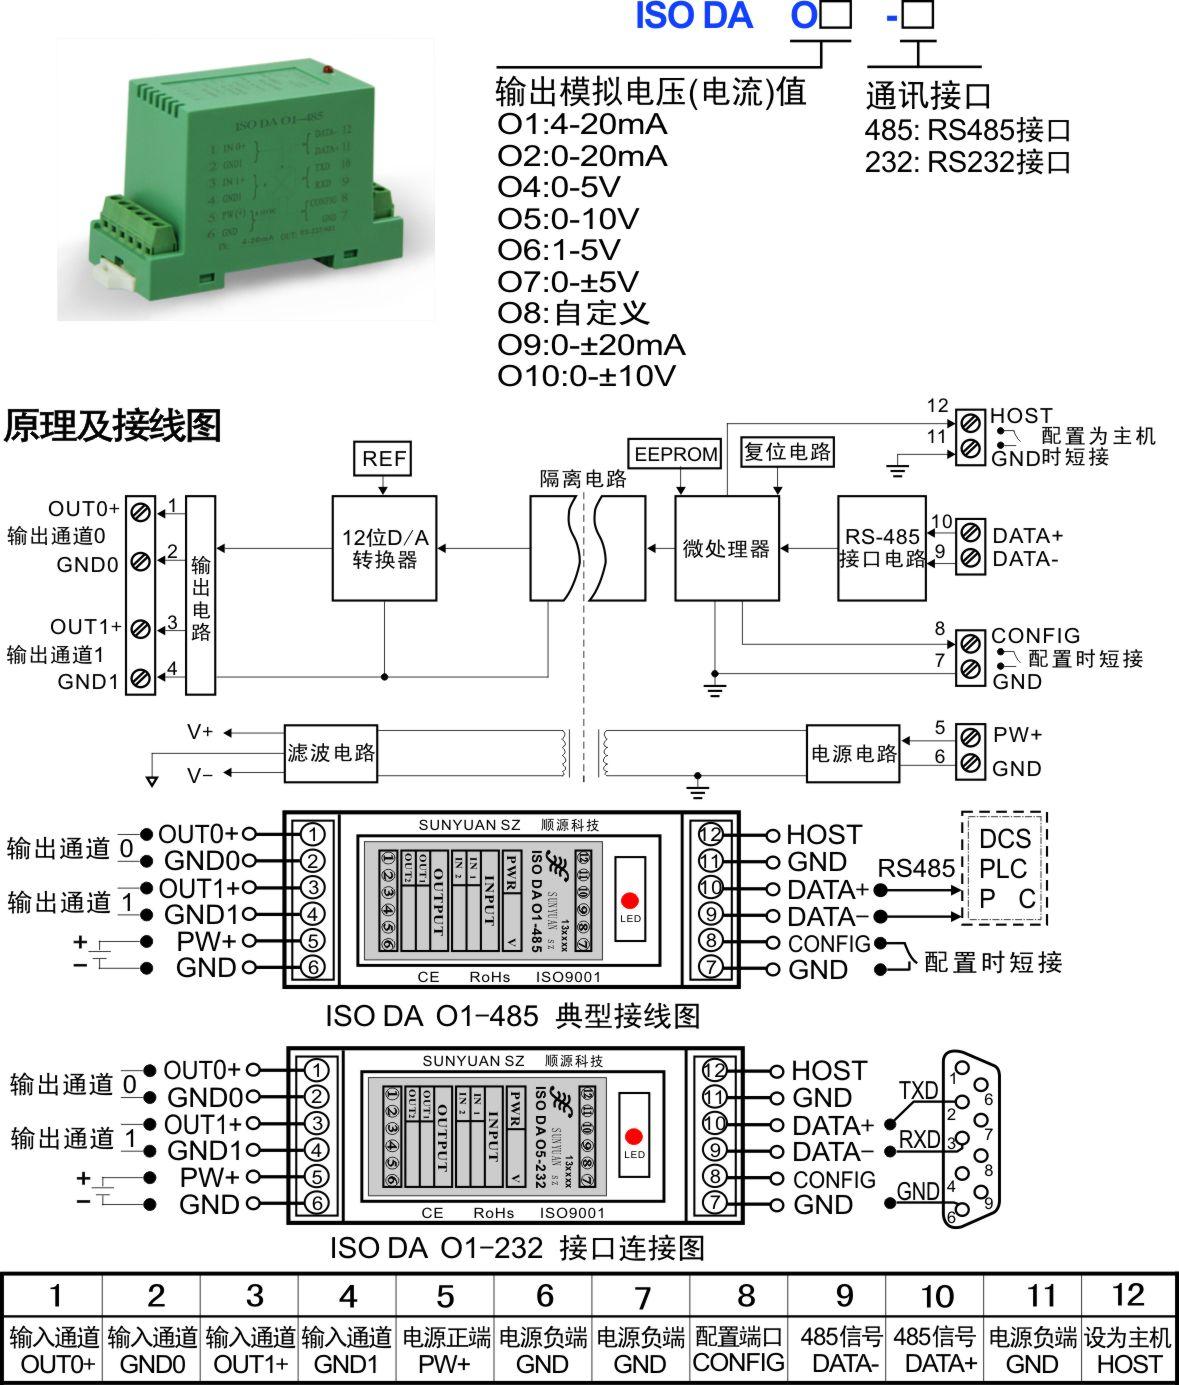 导读:产品广泛应用于以太网物联网模拟量、数字量RJ45接口数据采集,RS232/RS485接口现场总线工业自动化控制系统,各种传感器模拟信号测量、监视和控制,微小信号的测量(精度优于0.05%)以及工业现场信号长线无失真传输、远程防干扰隔离监控等场合。 关键词:通讯协议 ASCII通讯协议 MODBUS RTU通讯协议 MODBUS TCP通讯协议 SunYuan 4-20mA模拟量转RJ45/RS232/RS485系列AD转换多路数据采集器,及RS232/RS485转4-20mA模拟信号的DA系列数据采